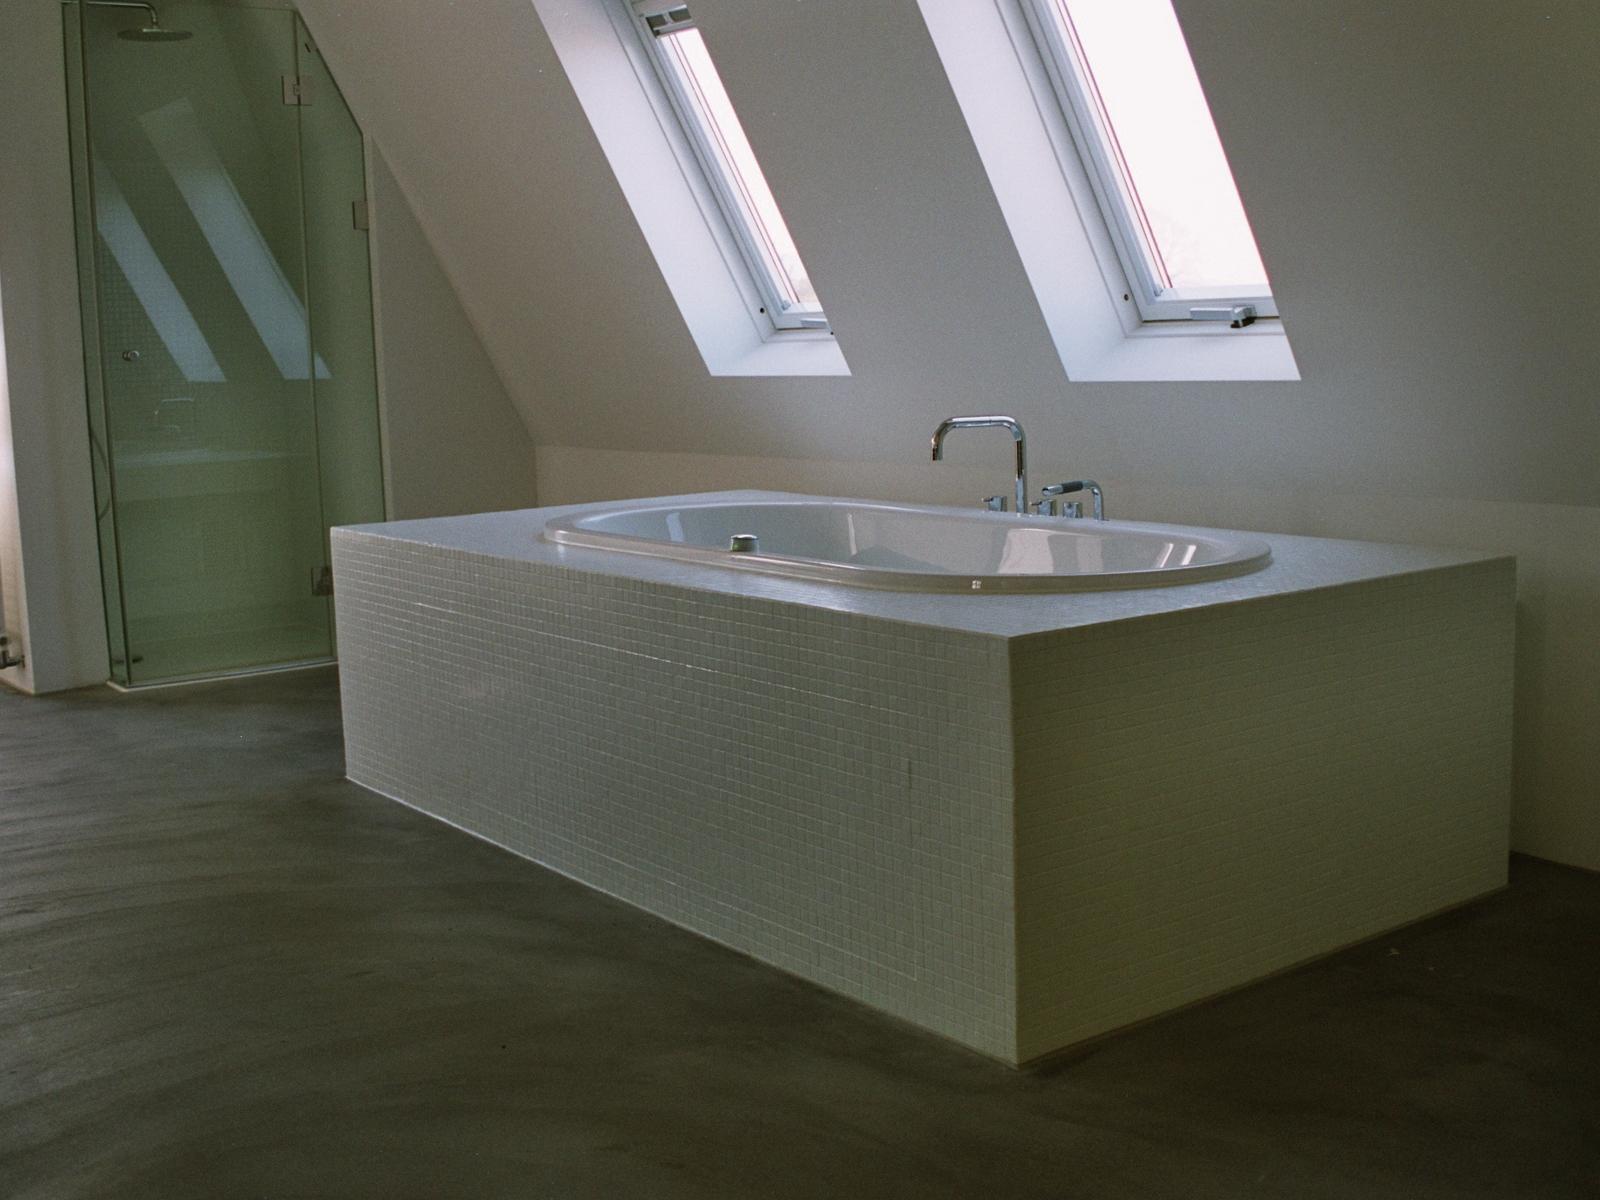 Dachwohnung z rich zh 2005 - Bachmann badie architekten ...